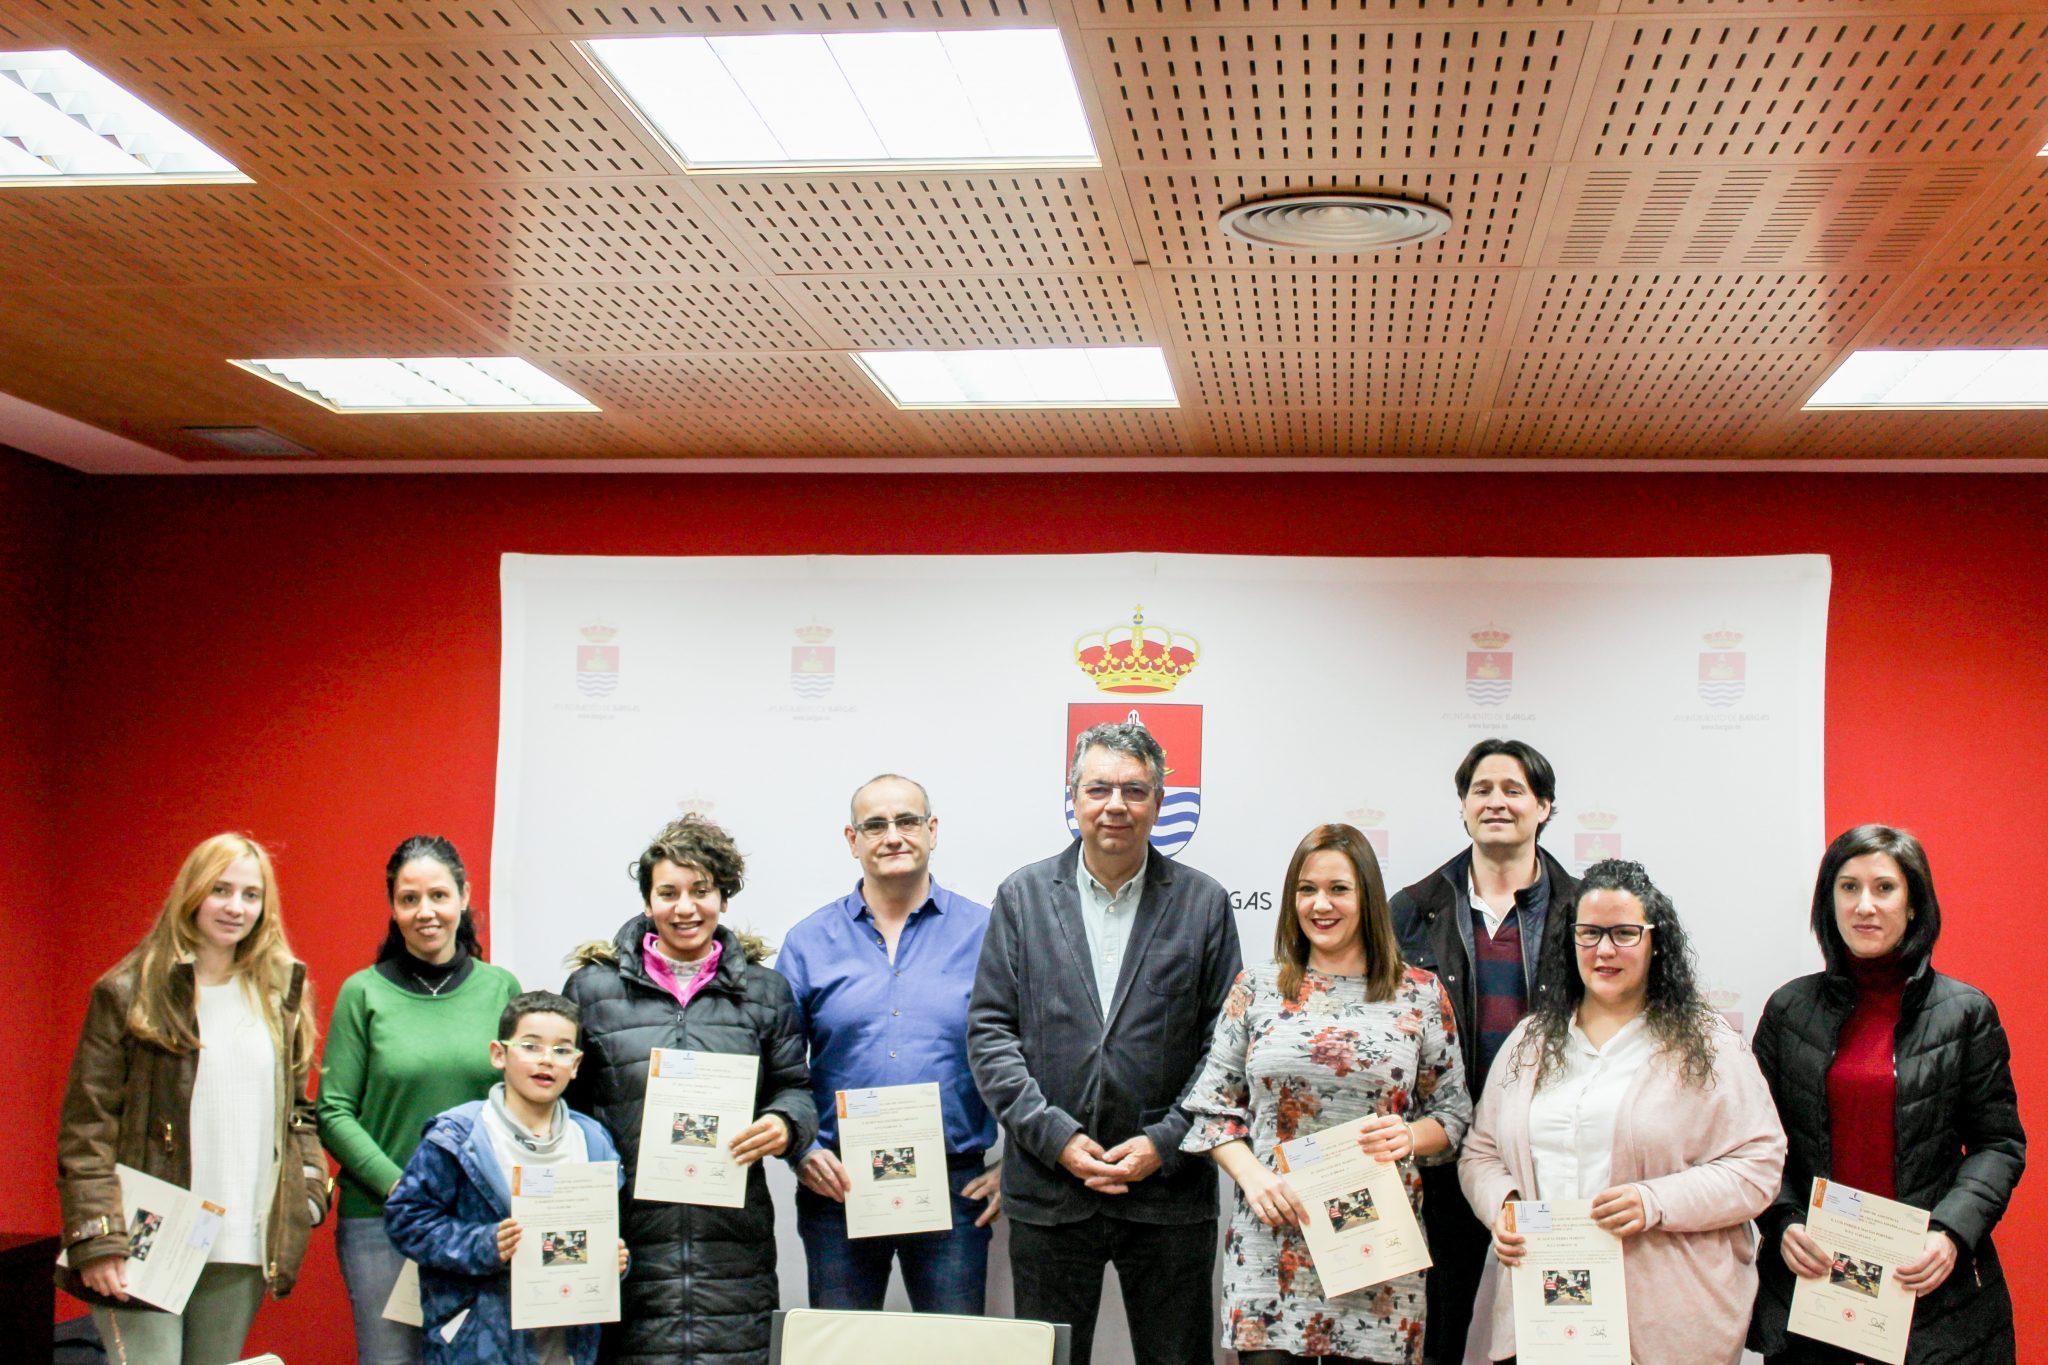 Entrega de certificados y credenciales del Curso de Primeros Auxilios y Desfibrilación llevado a cabo en el Ayuntamiento de Bargas